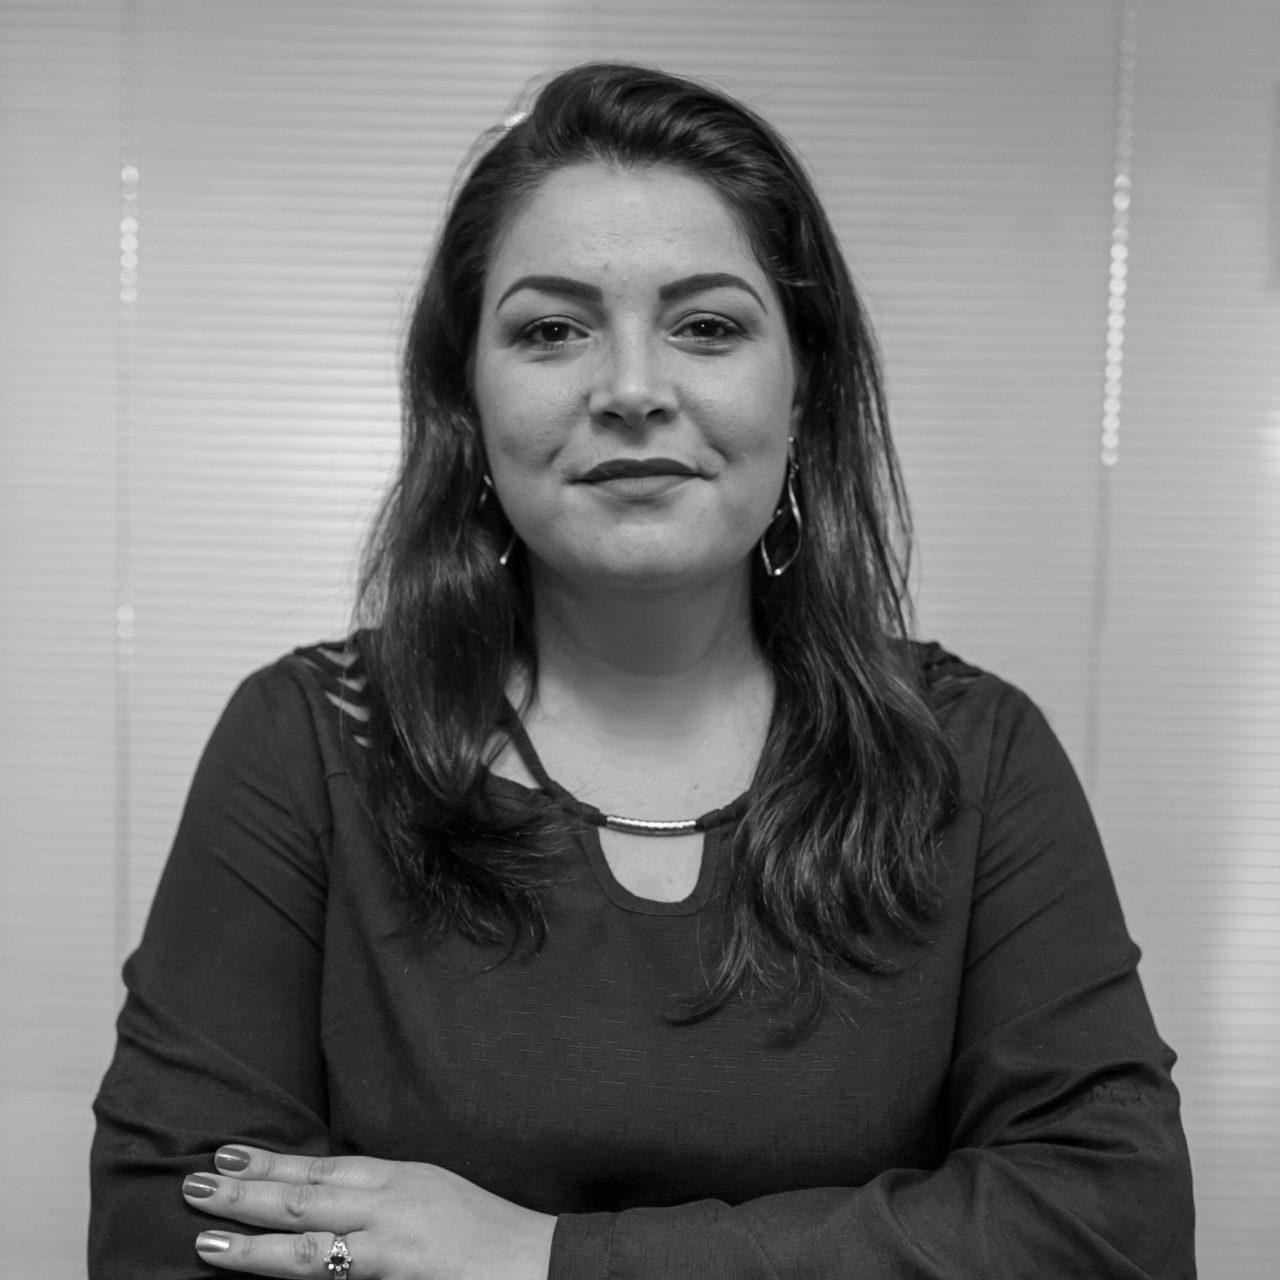 Carla da Silva Araújo